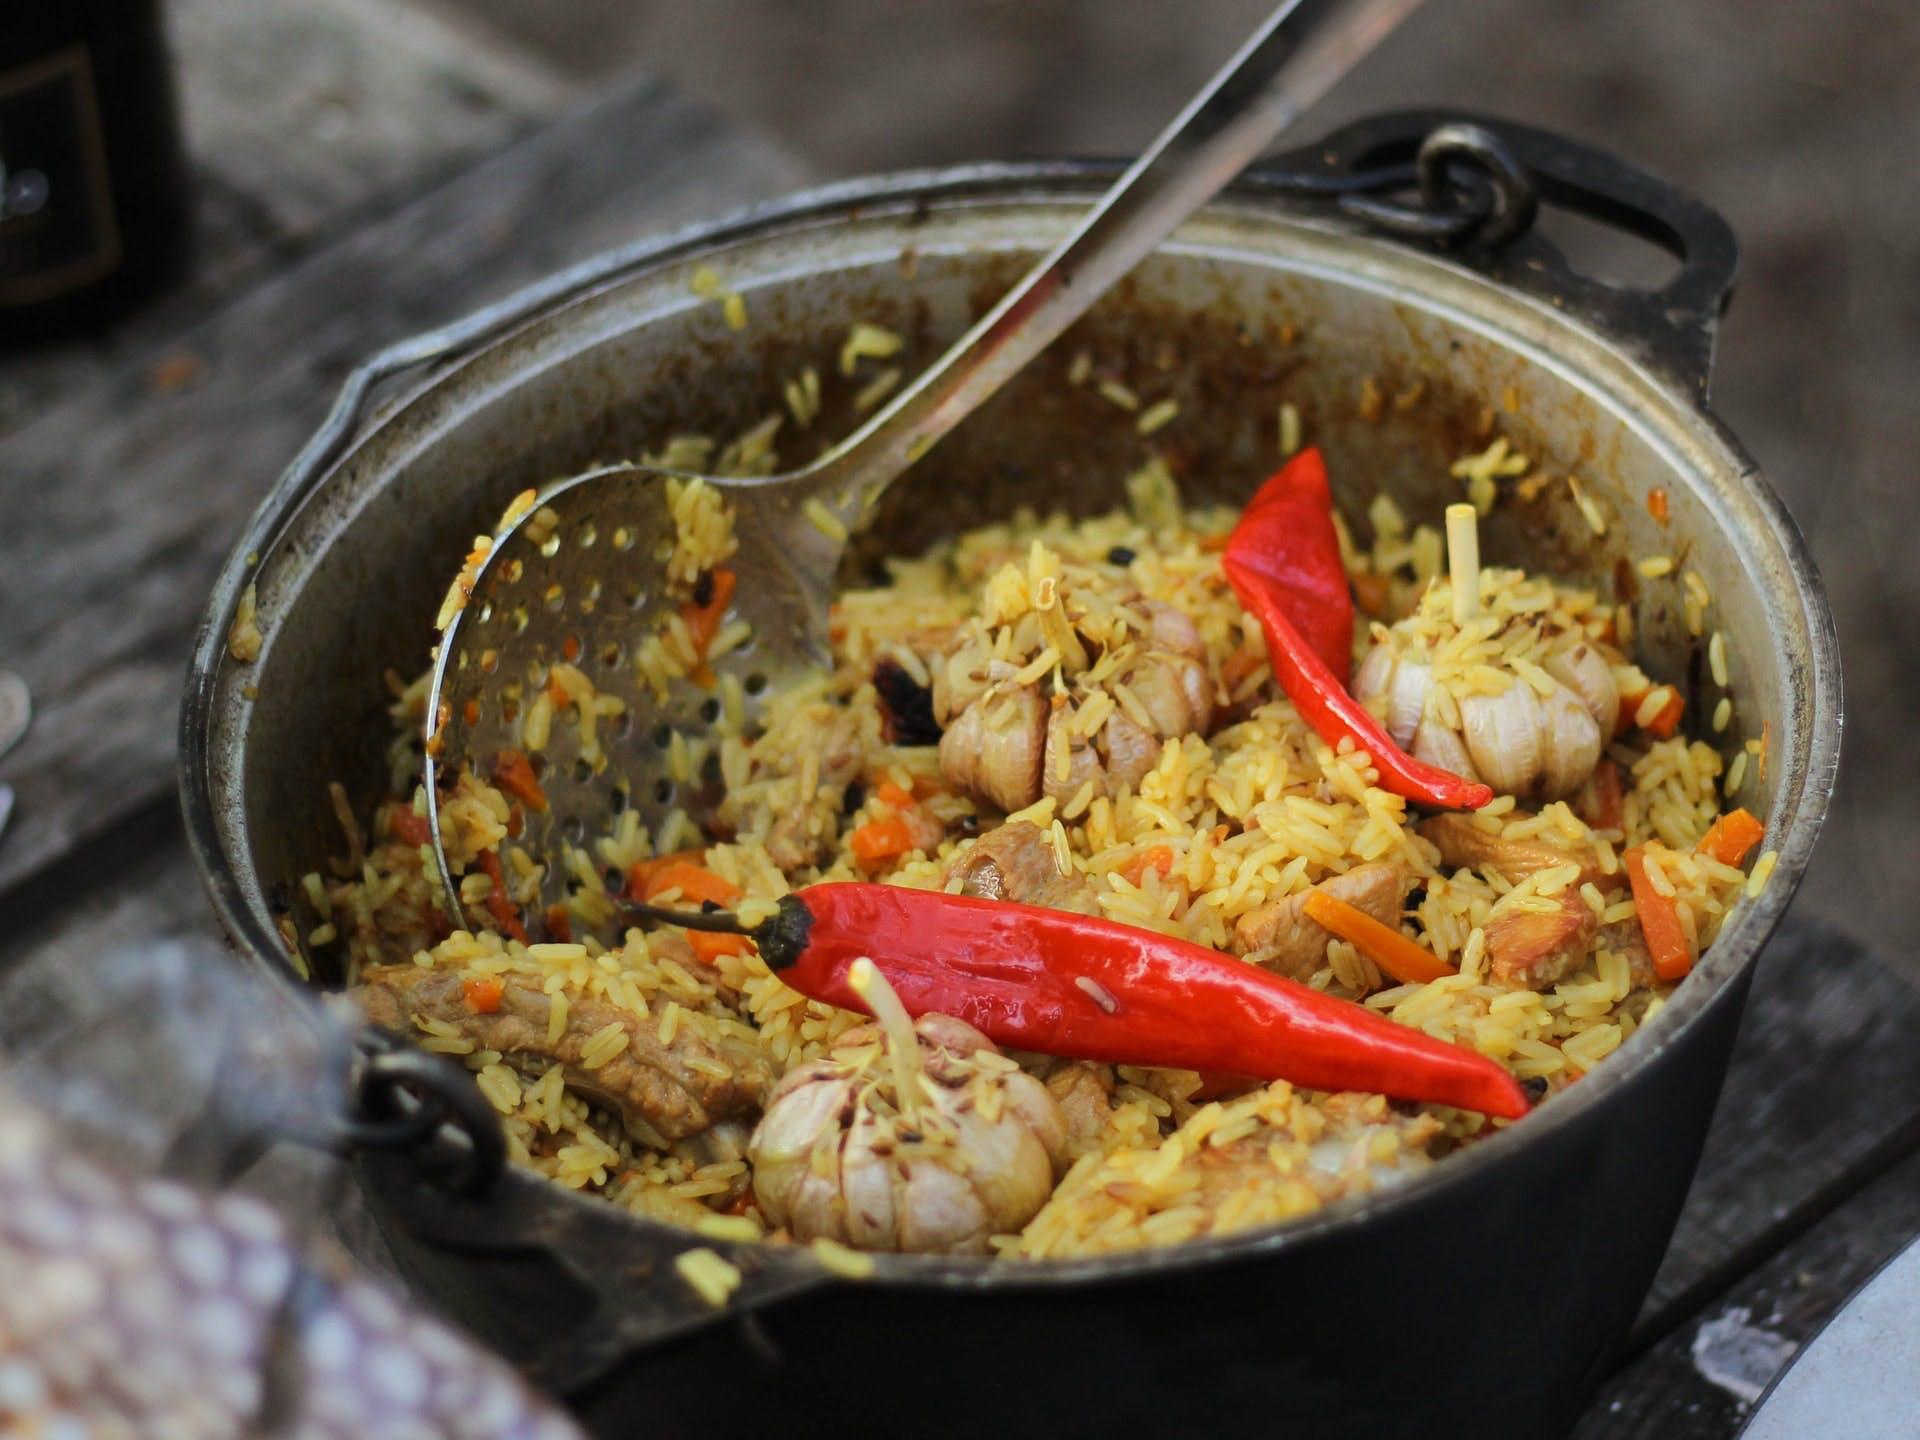 pilau rice dish